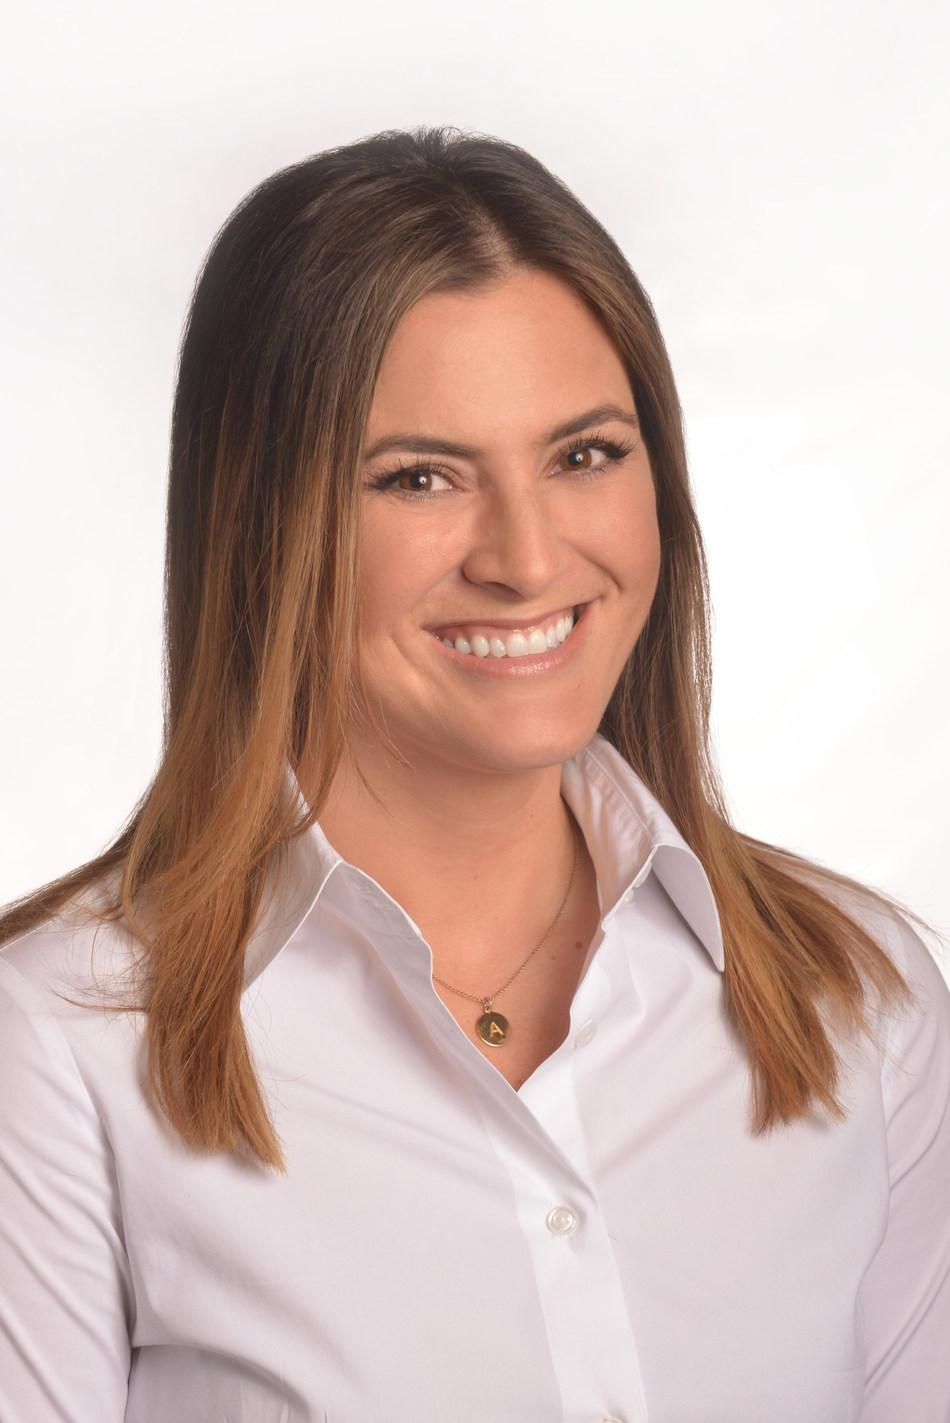 Natasha Amira, Senior Vice President of Western Washington Multifamily Operations at Avenue5 Residential